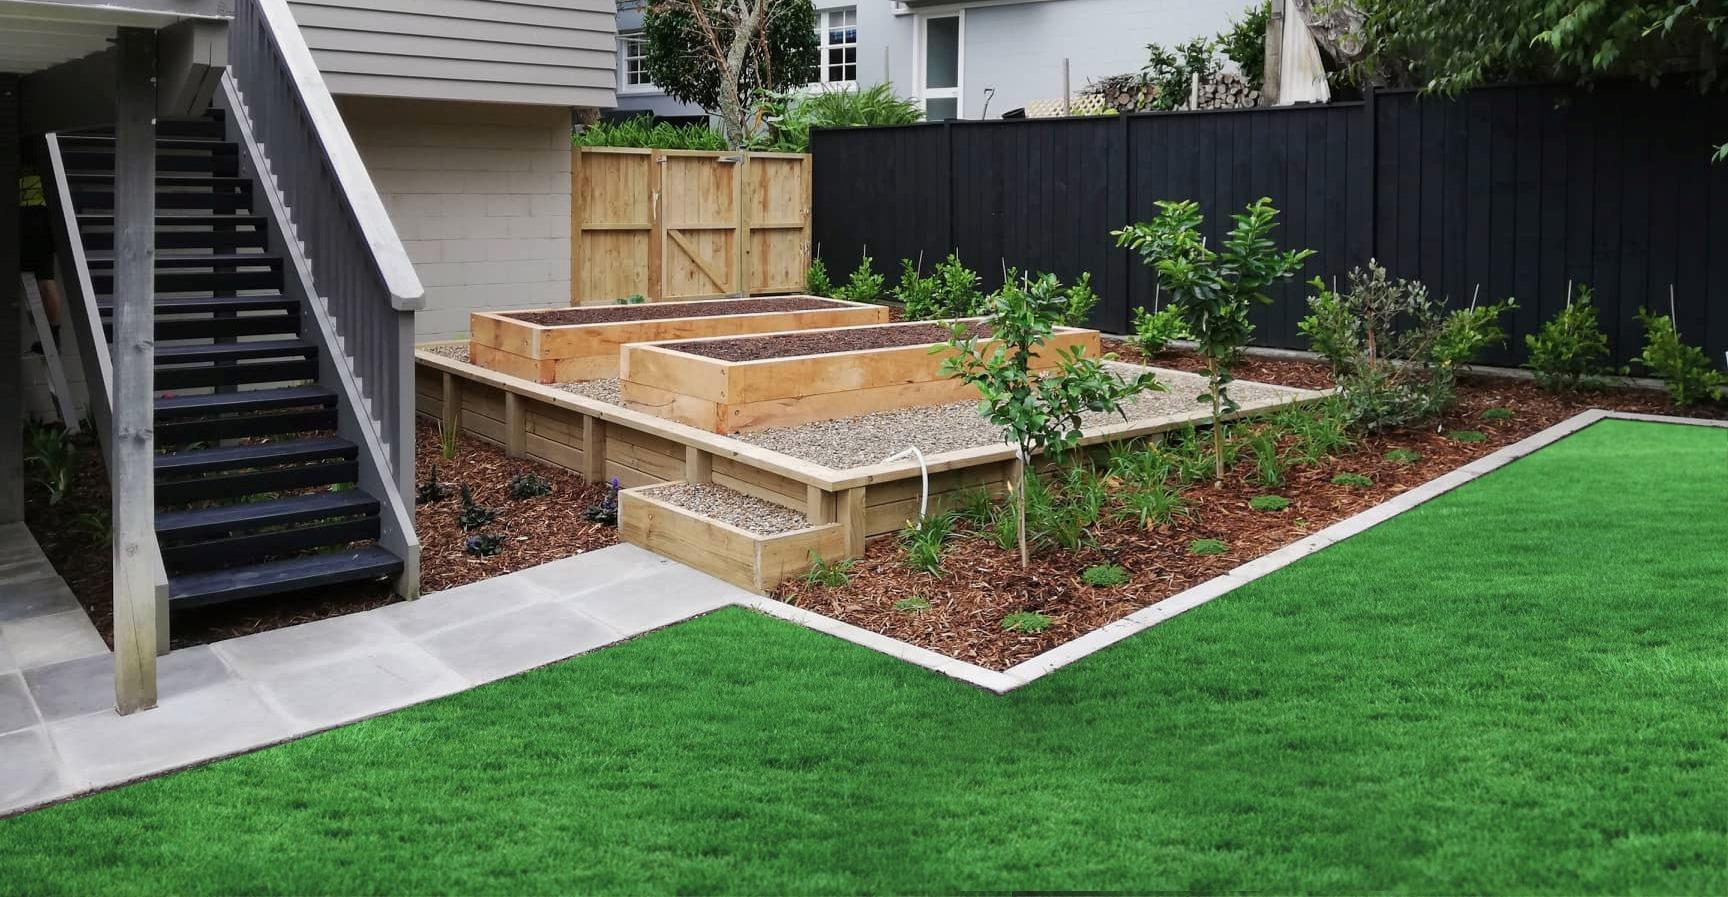 Designer gardens planter boxes